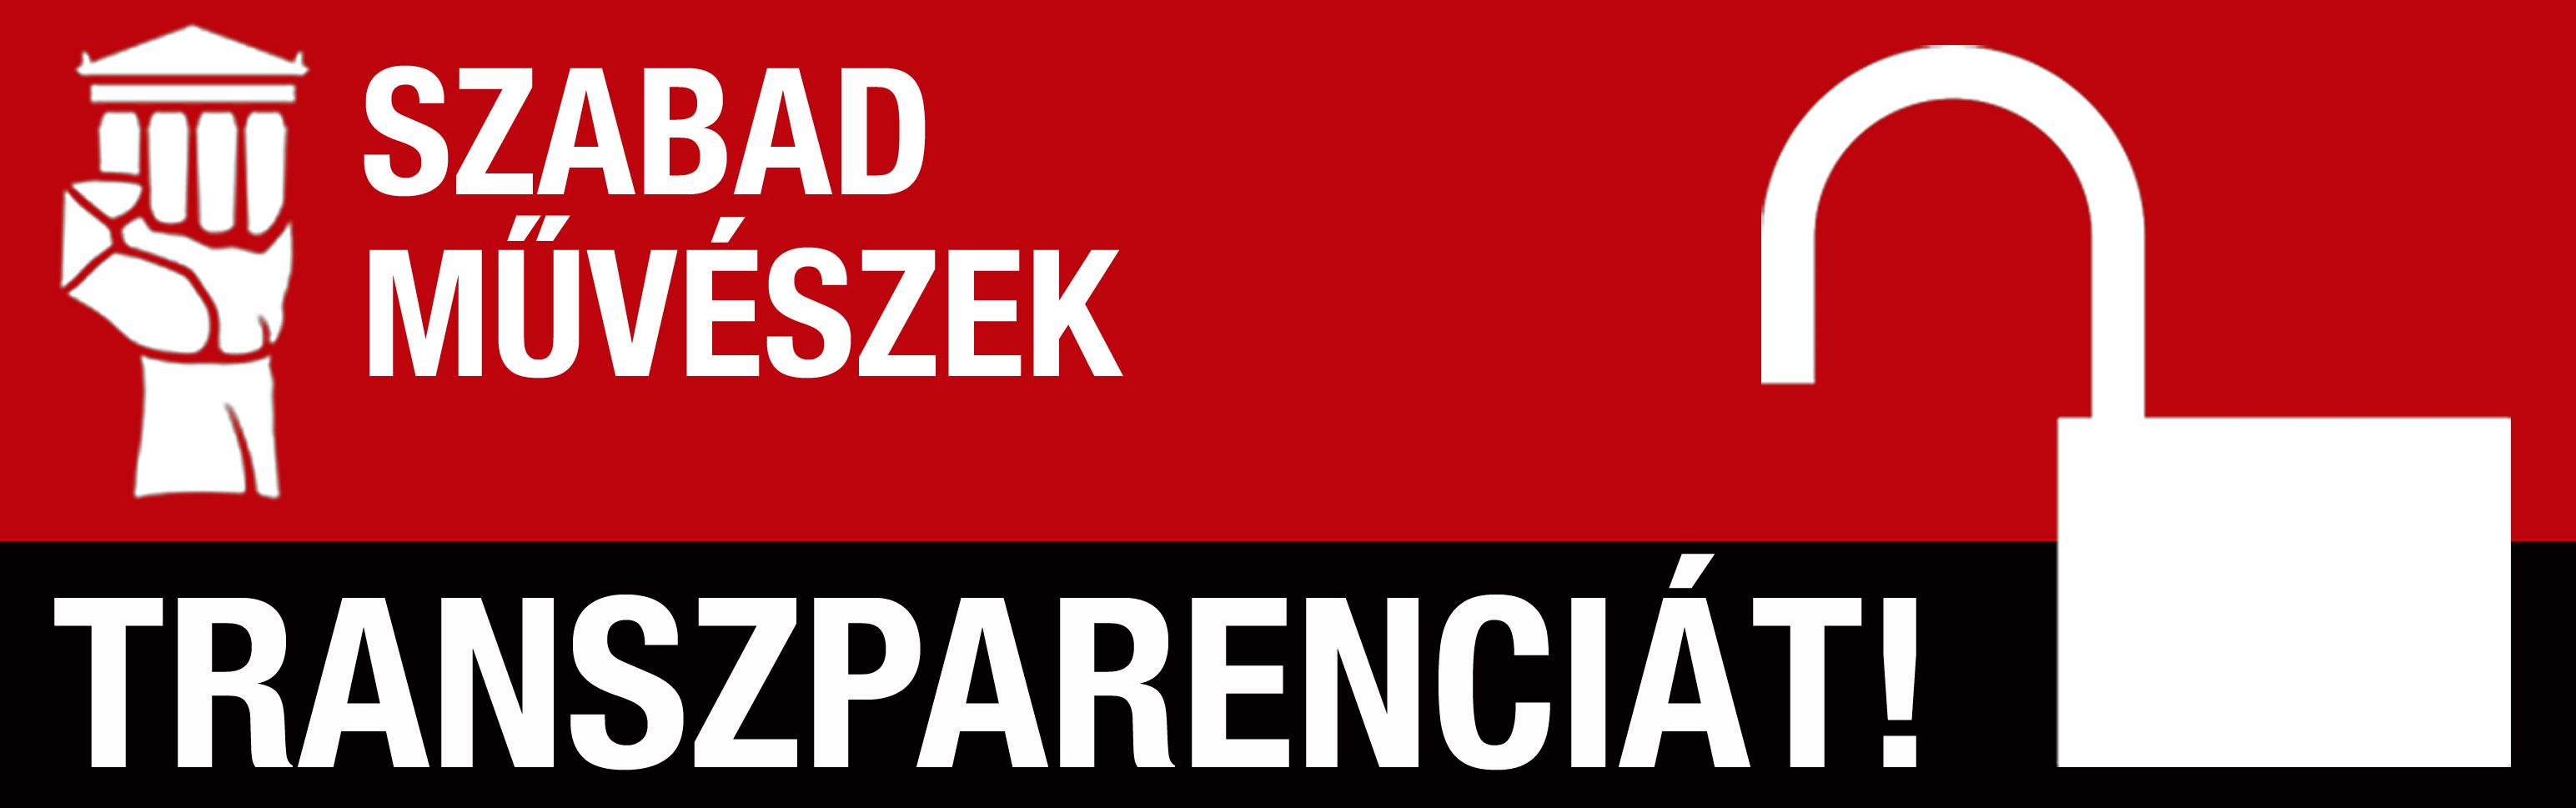 TRANSZPARENCIÁT!